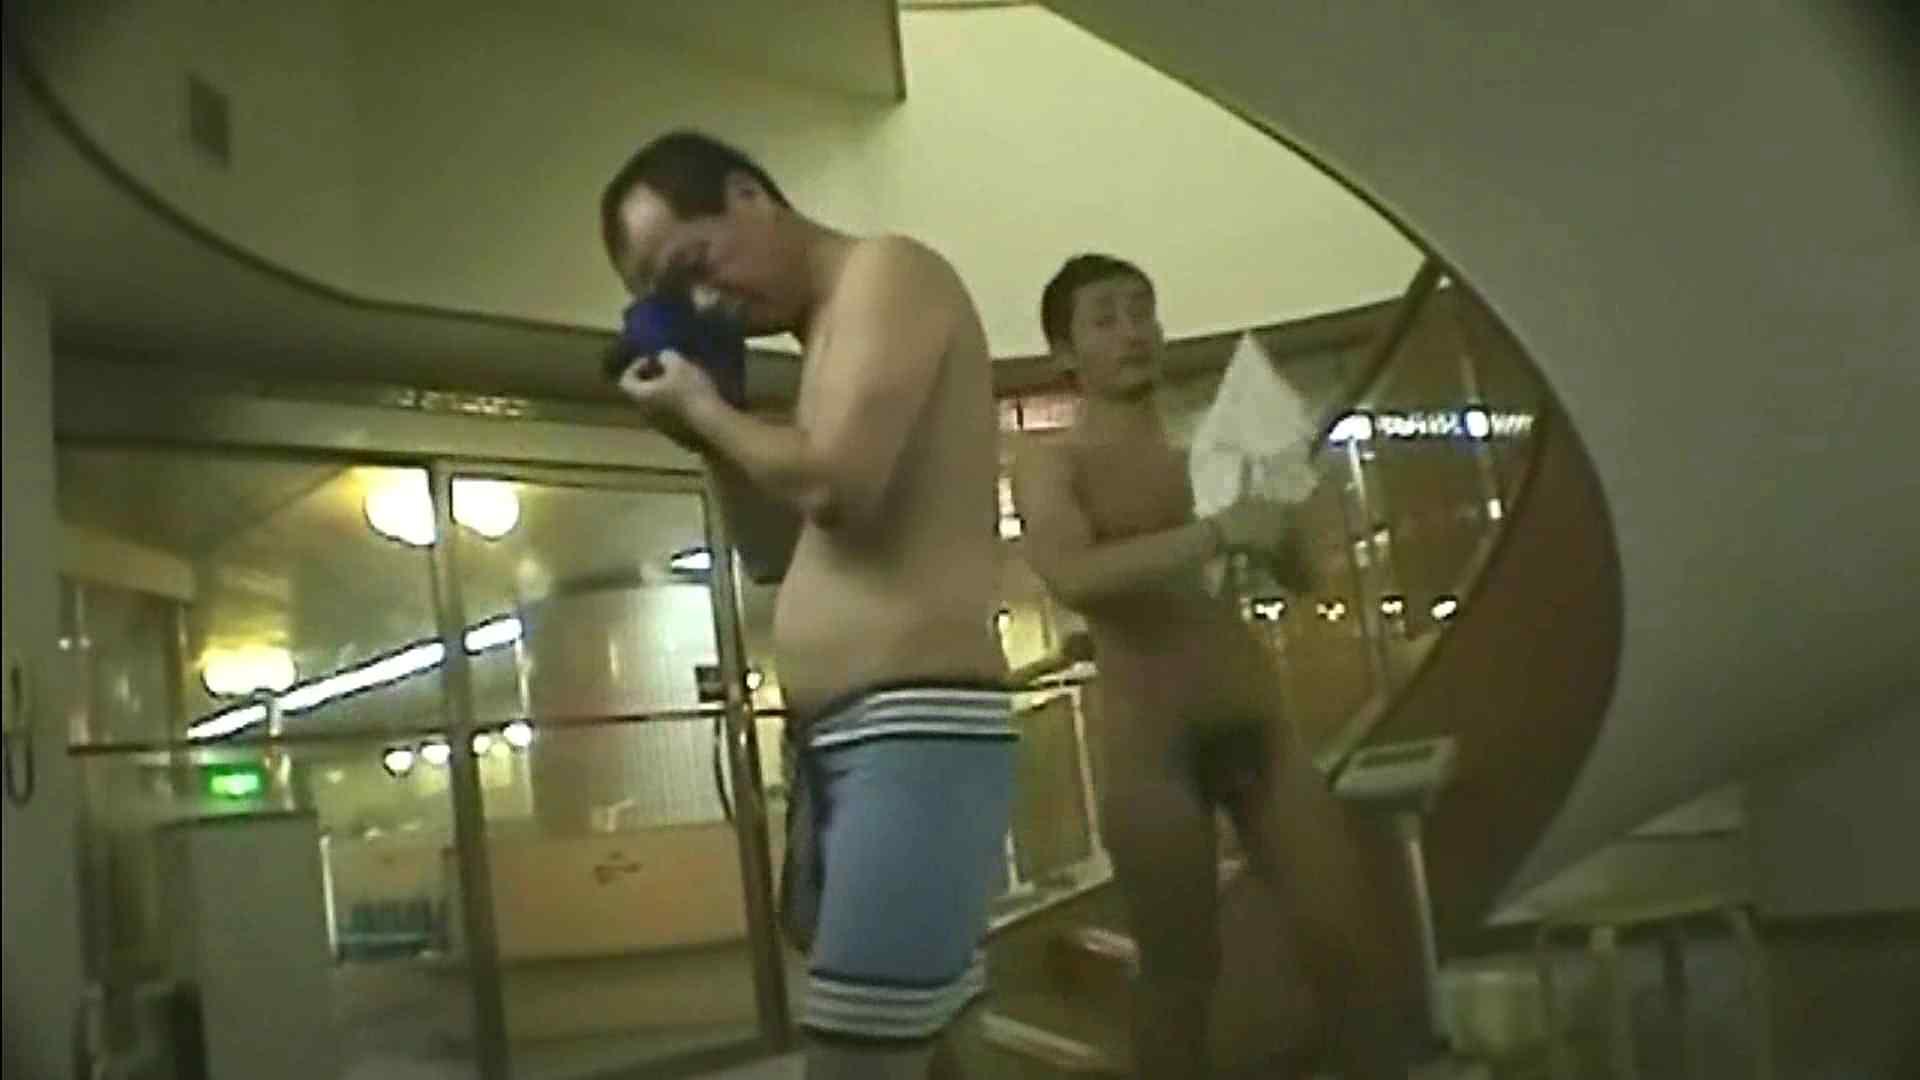 男風呂覗かせていただきます。Vol.02 サル系ボーイズ | ボーイズチンコ  93pic 33